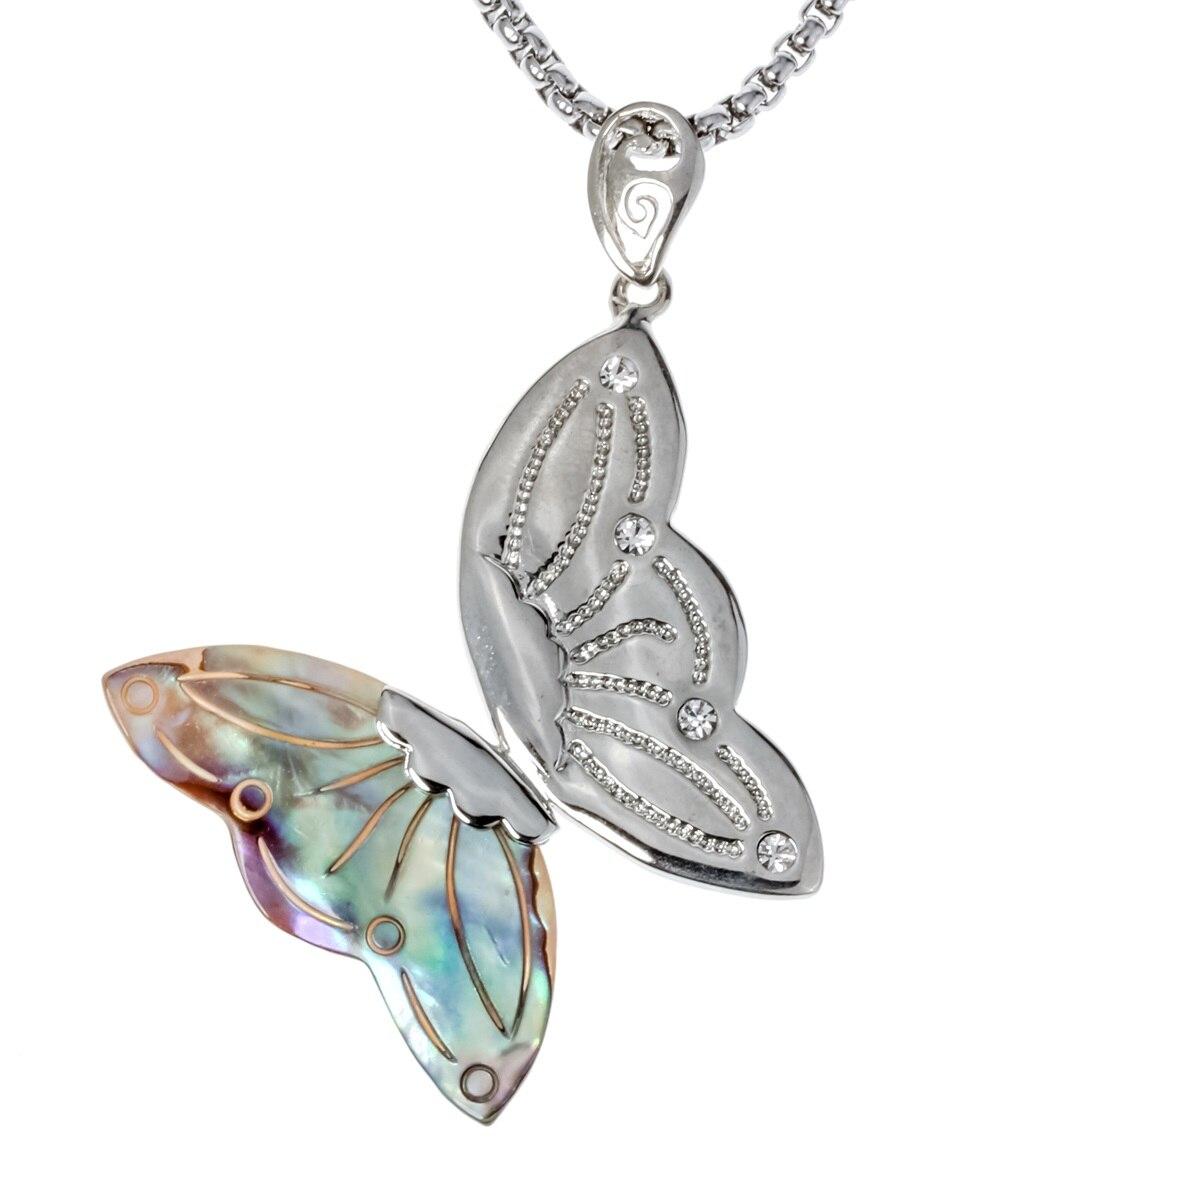 Abalone shell collar con colgante de mariposa W Acero inoxidable cadena bisutería regalos de cumpleaños para las mujeres, su esposa novia